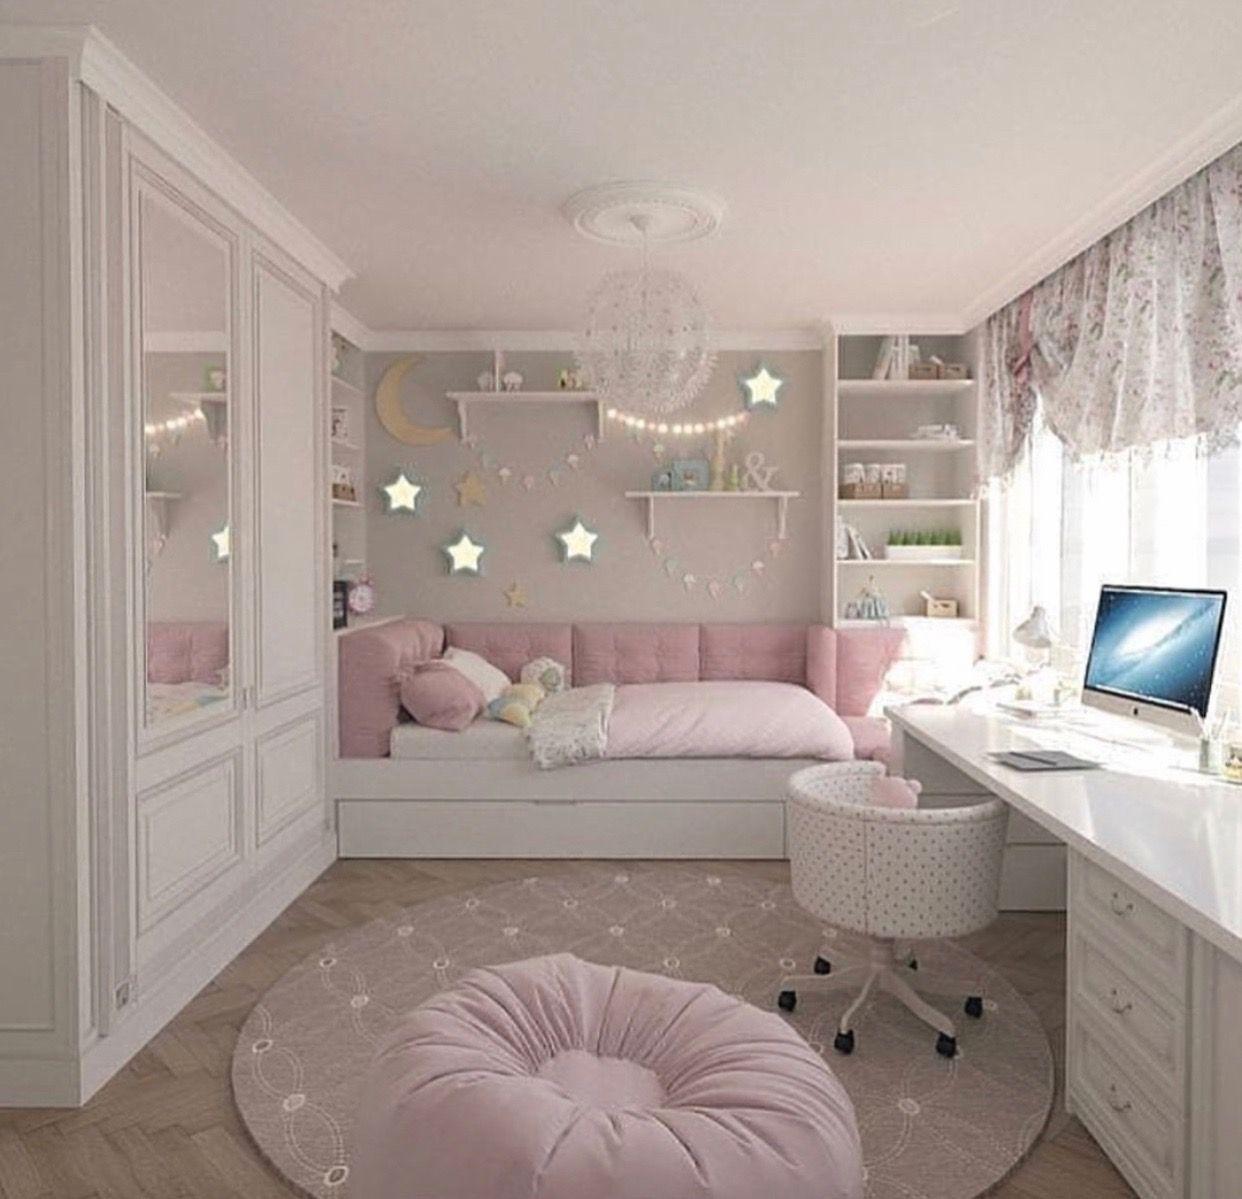 أجمل غرف نوم بنات 2020 - 2021